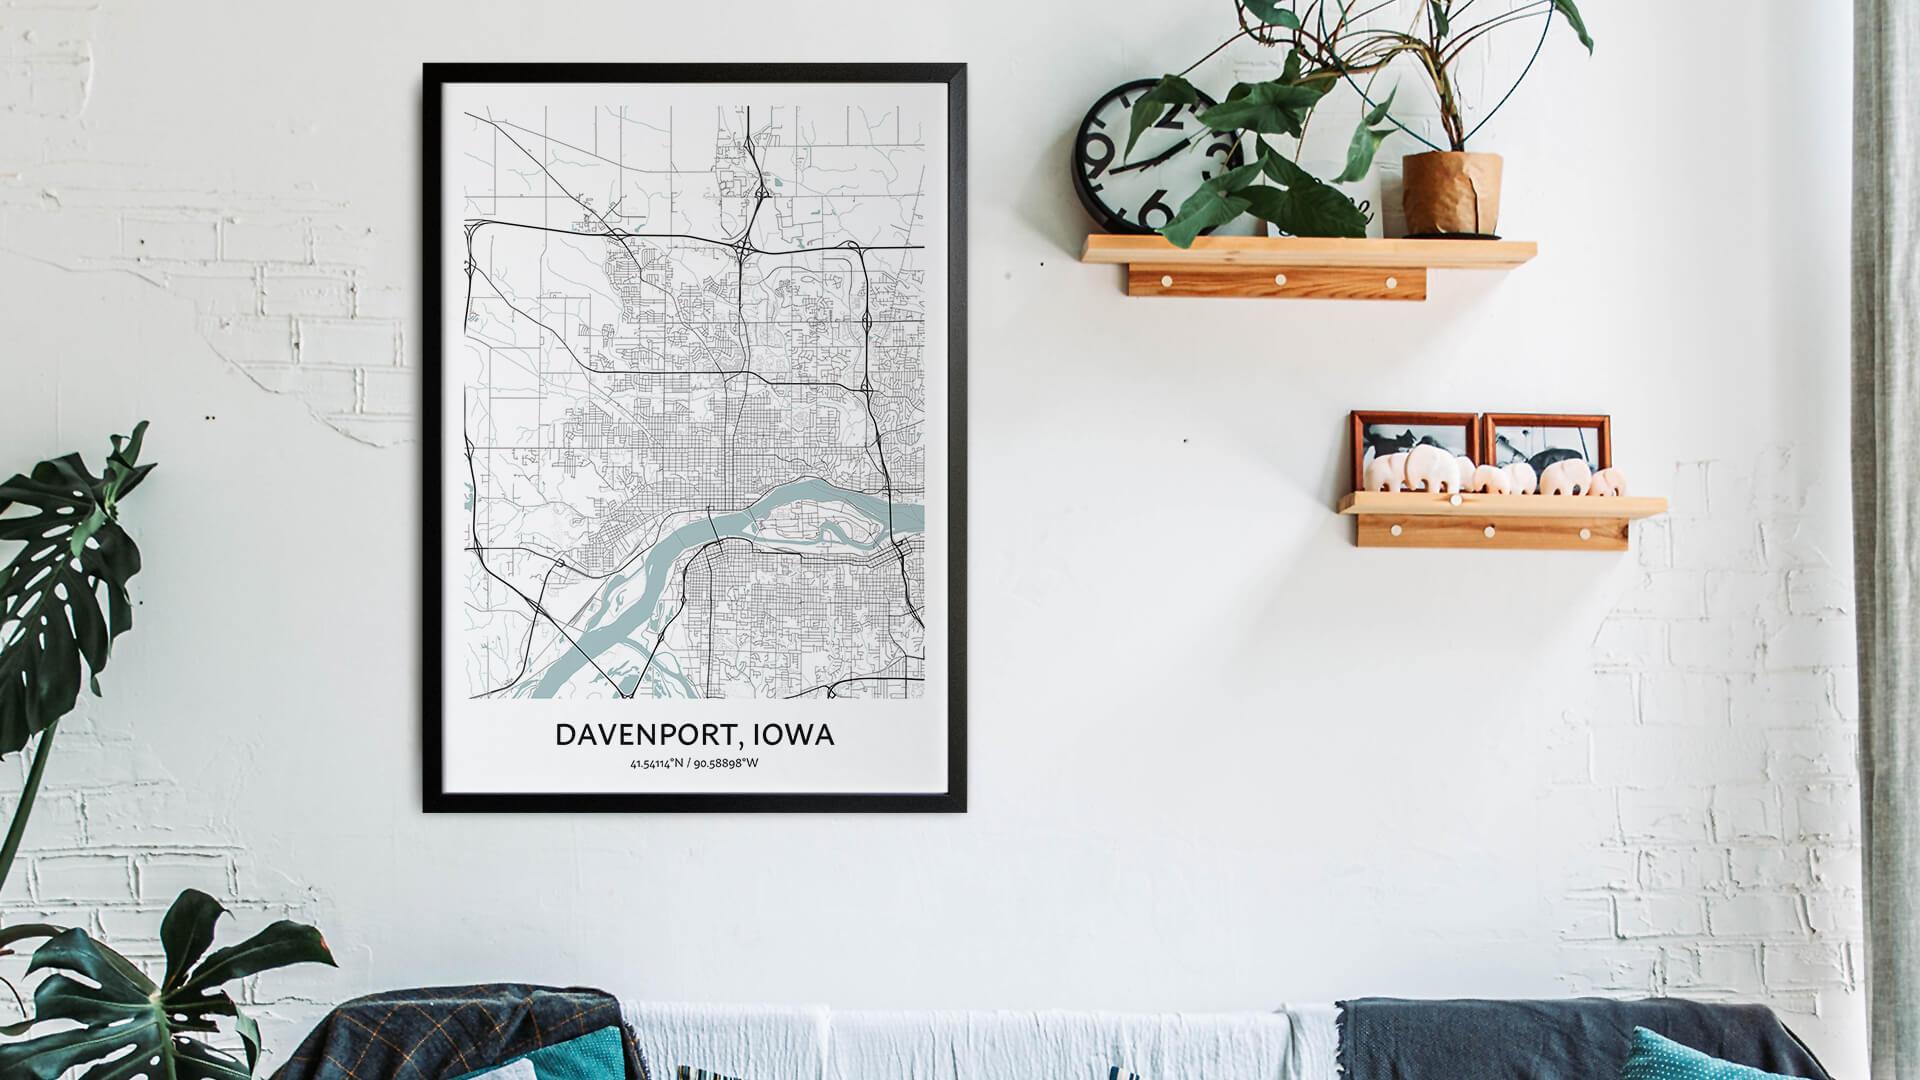 Davenport map art